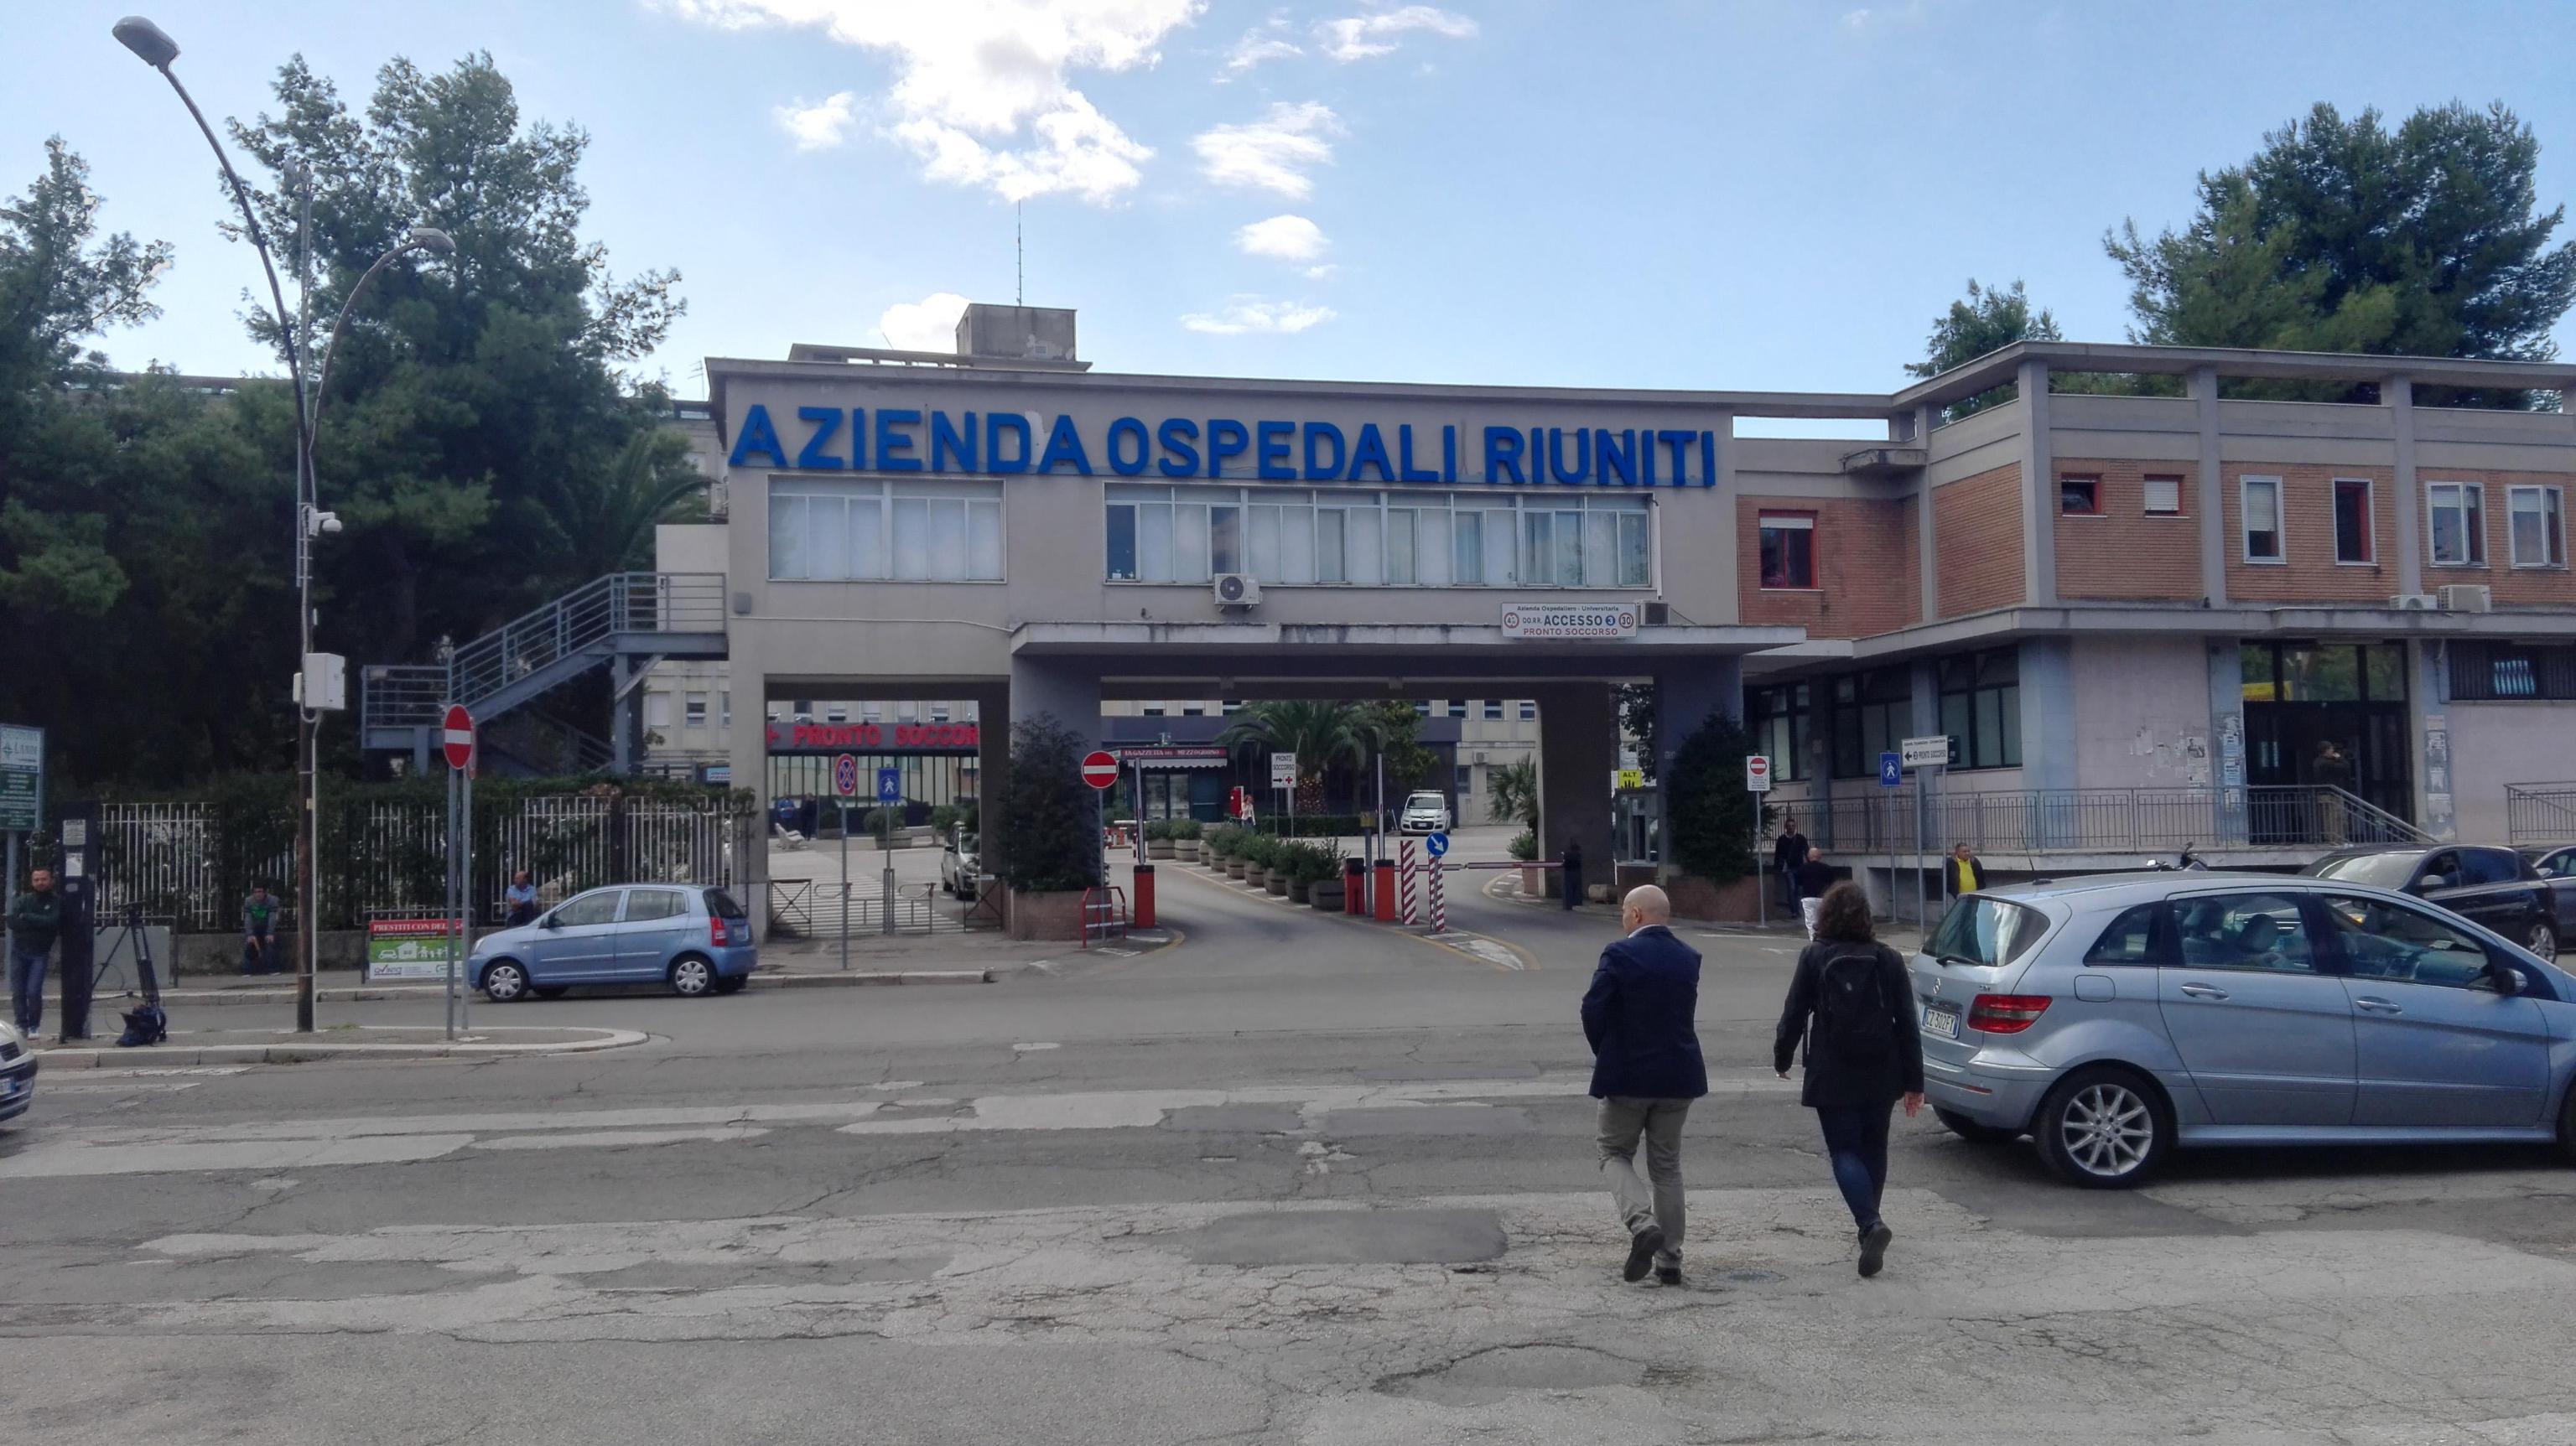 Foggia: uccide la moglie a coltellate e tenta il suicidio, gravissimo un 47enne